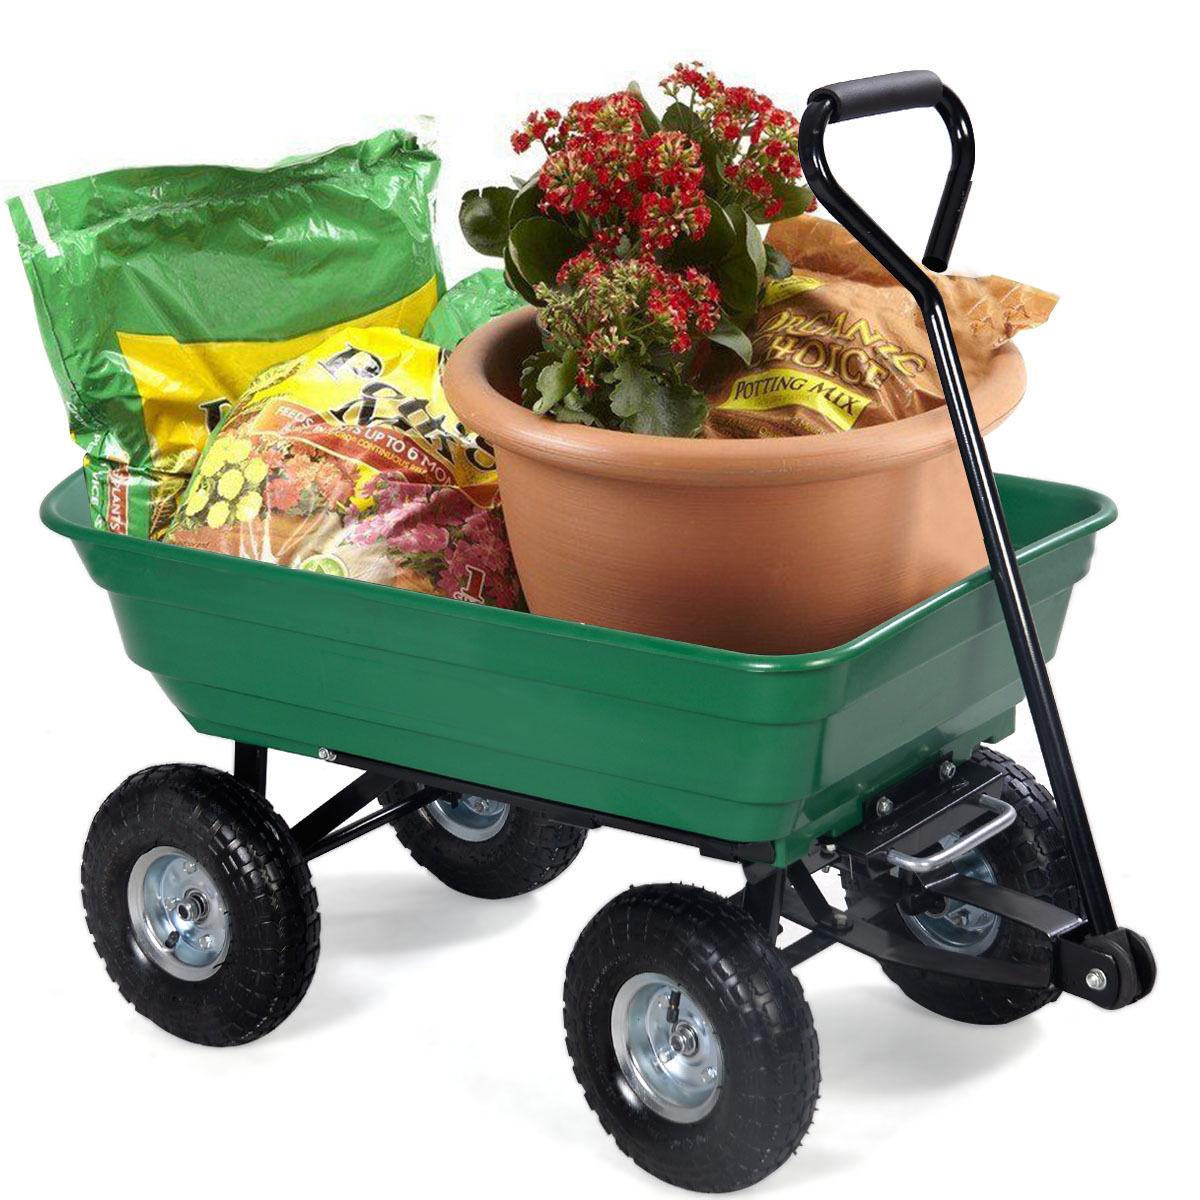 650 Lbs Garden Dump Cart Dumper Wagon Carrier